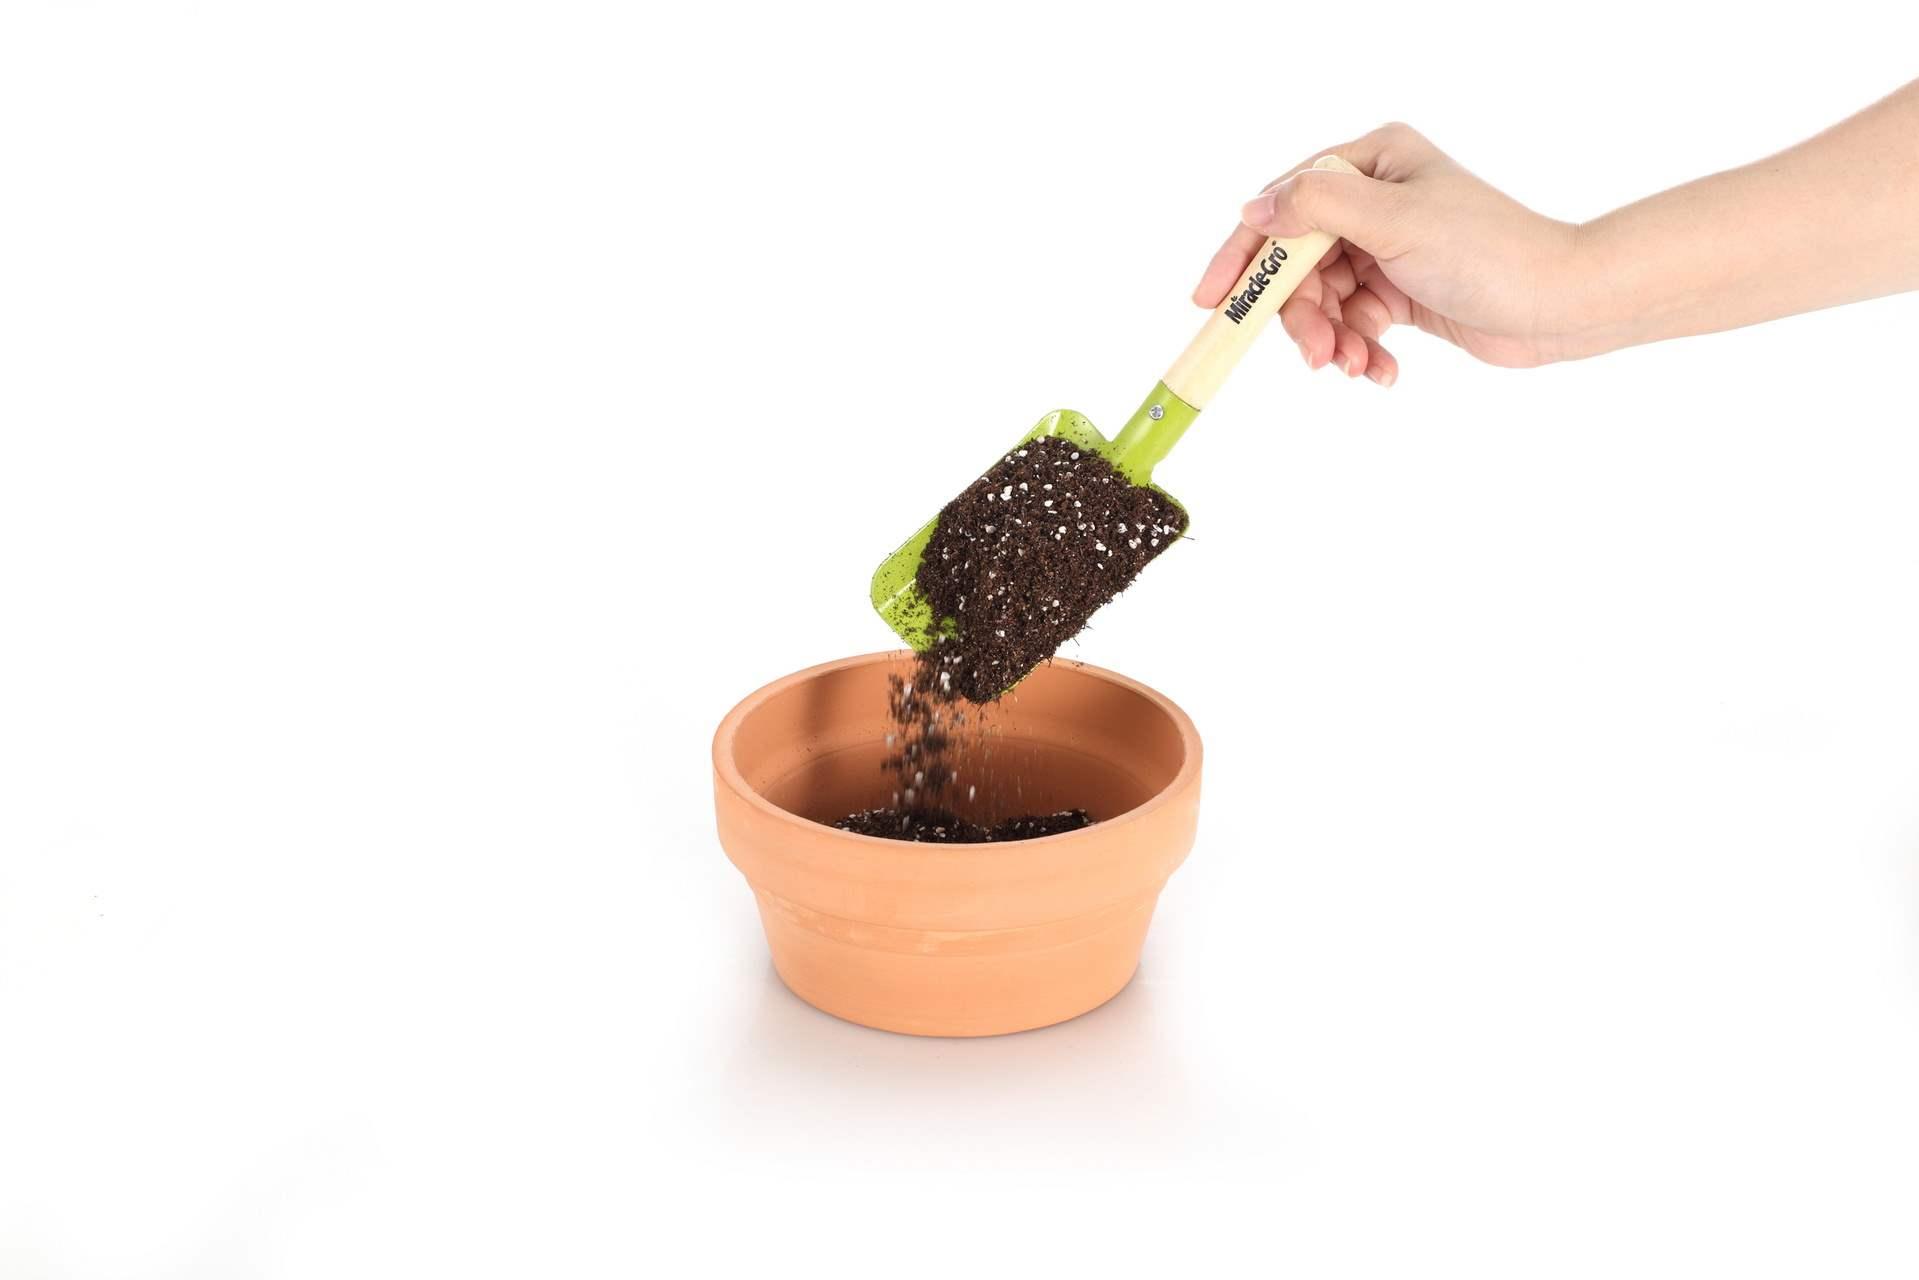 绿萝泥炭土有机通用营养土栽花种菜吊兰种植土套餐优惠两件包邮